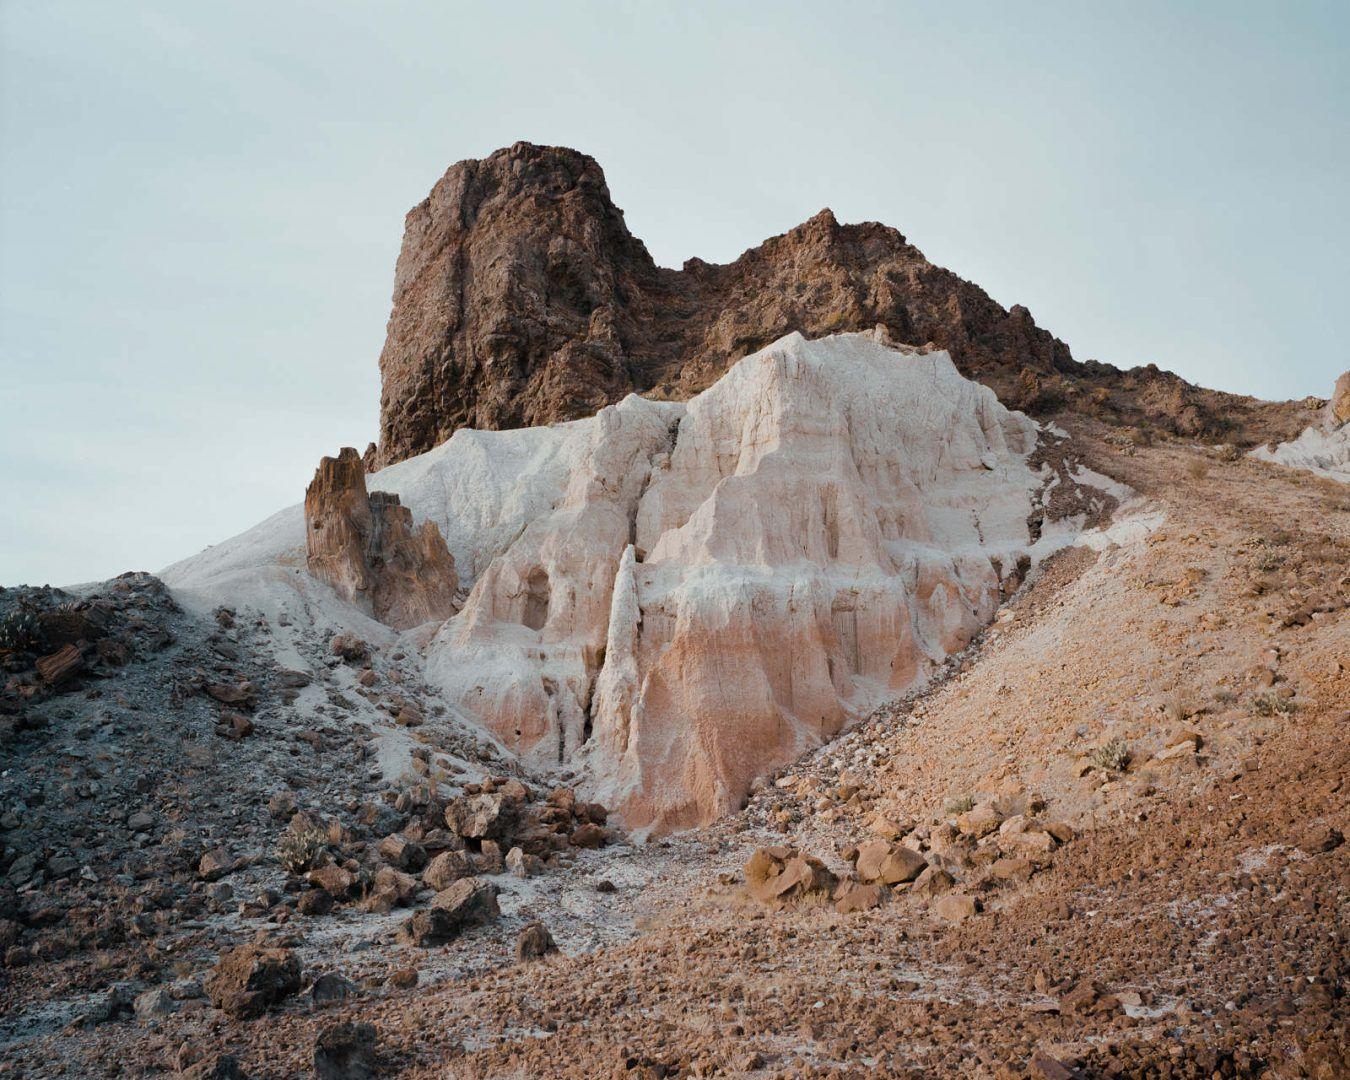 Les paysages fascinants de Cody Cobb